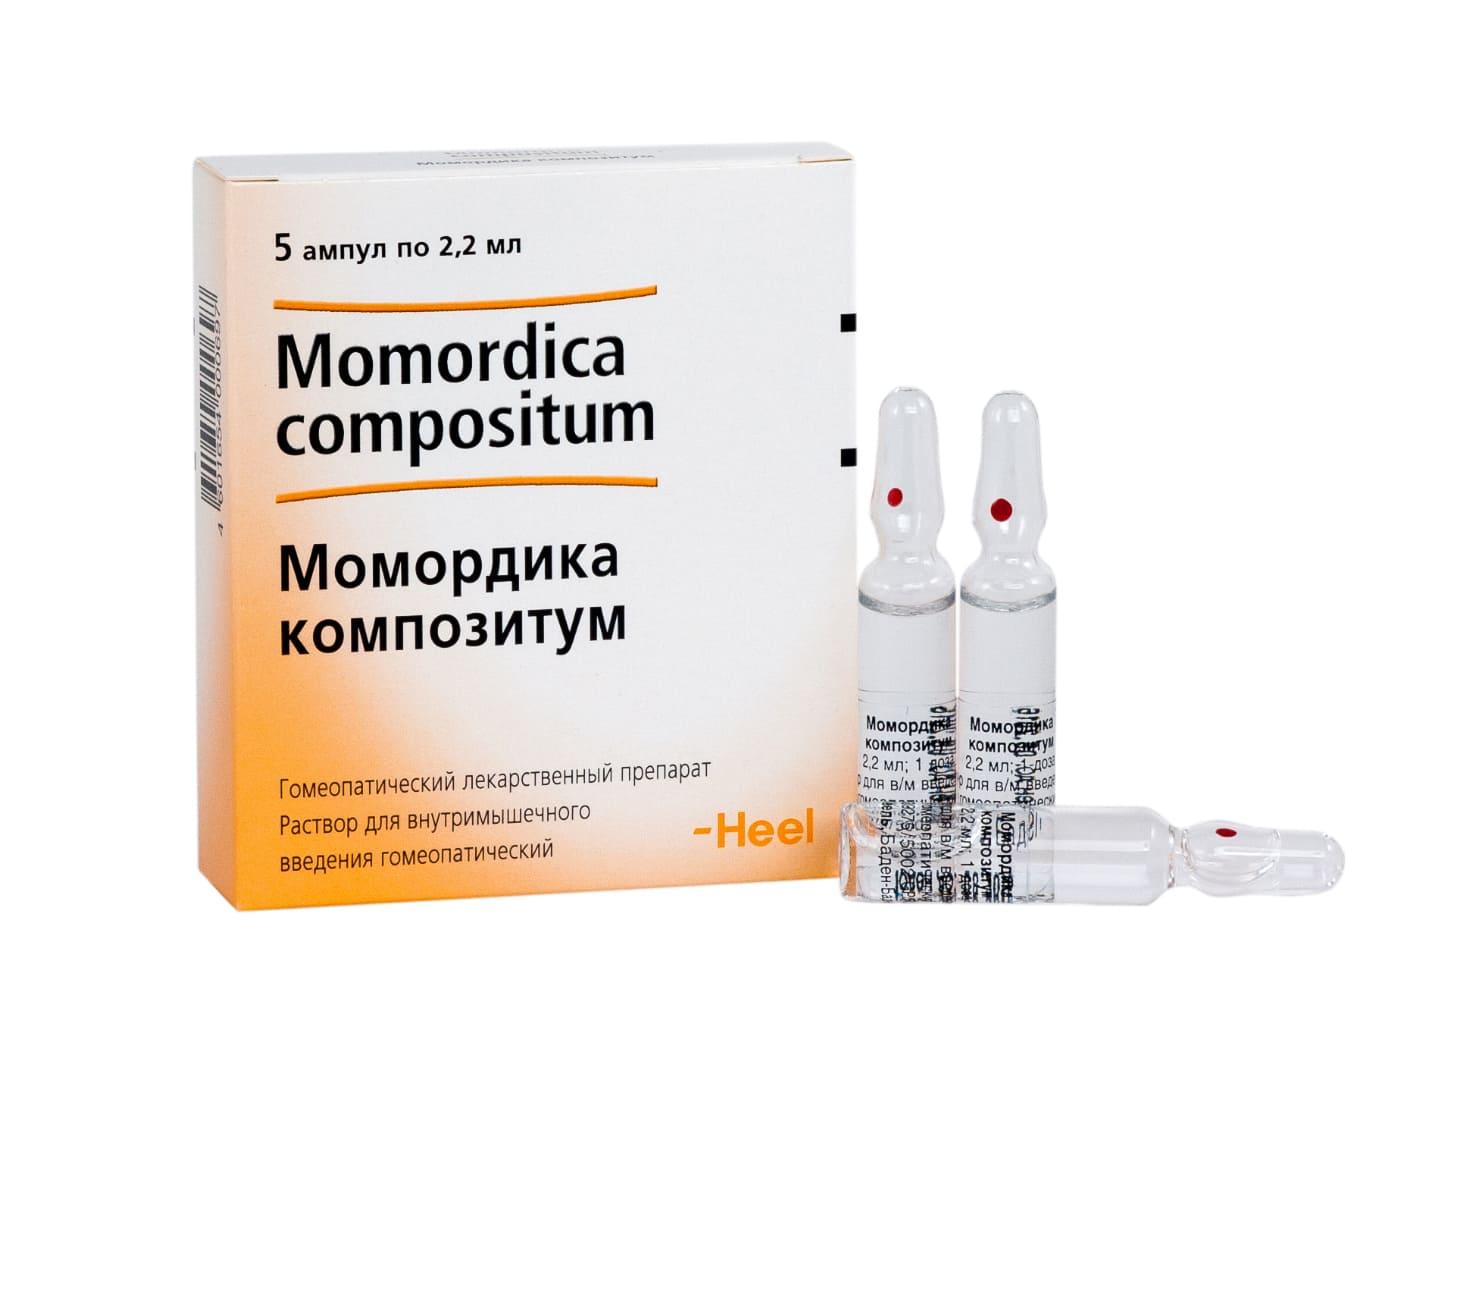 Momordica Compozitum (argentum nitricum) ampoules 2.2 ml. №5